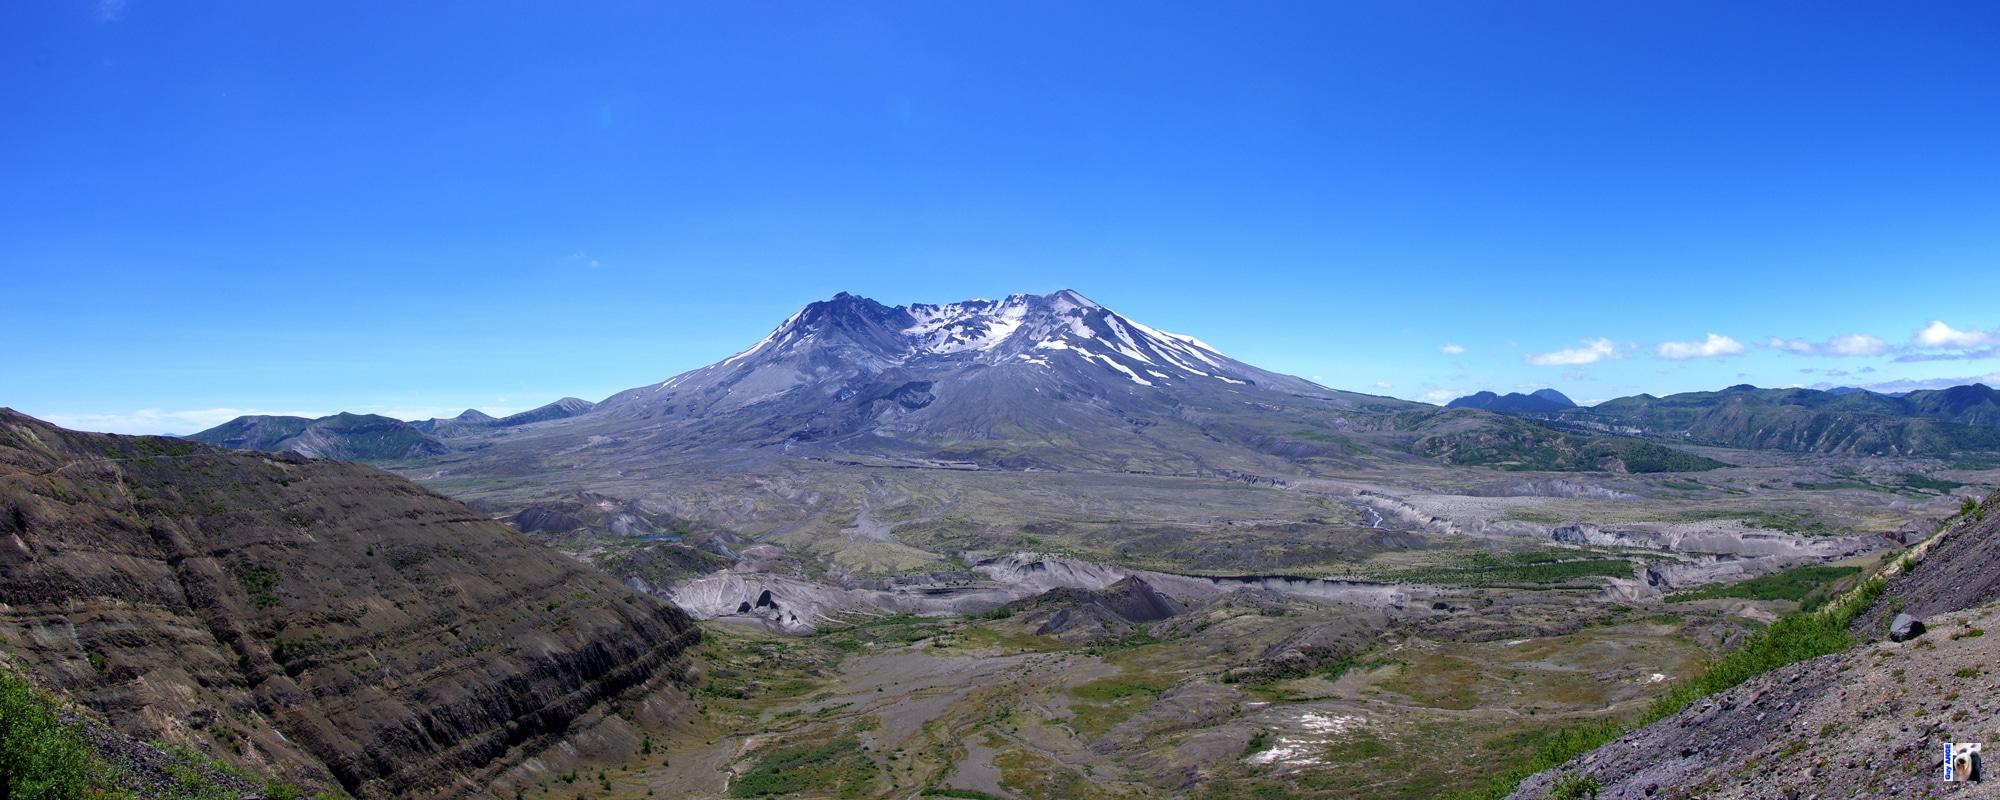 Mount Saint Helens. Vue sur le cratère égueulé.